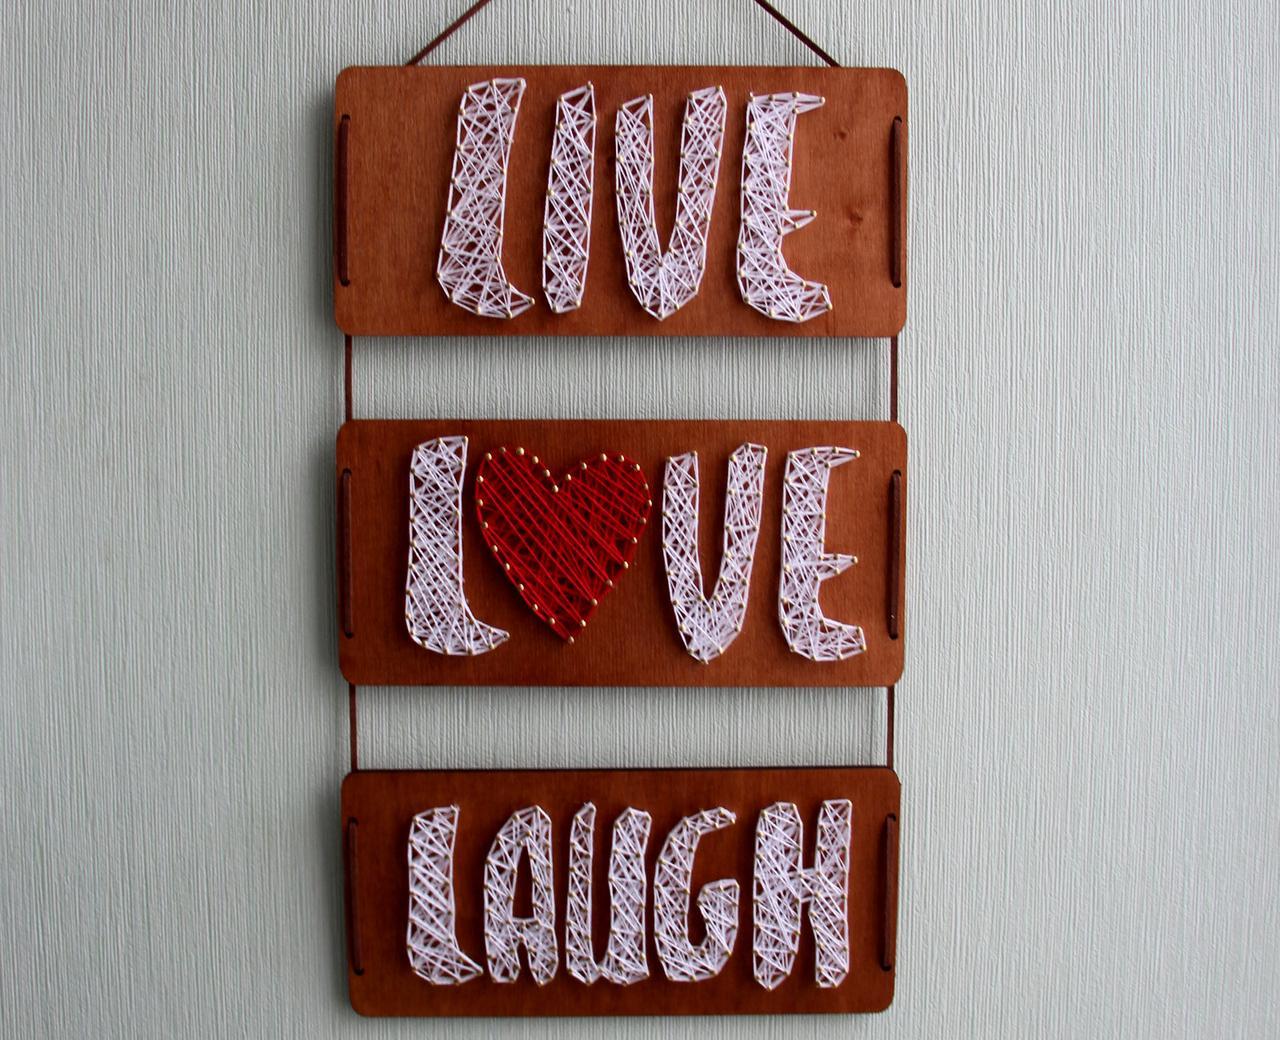 Панно стрінг-арт «Live, Love, Laugh»: біло-червоний декор для вашого інтер'єру / String Art